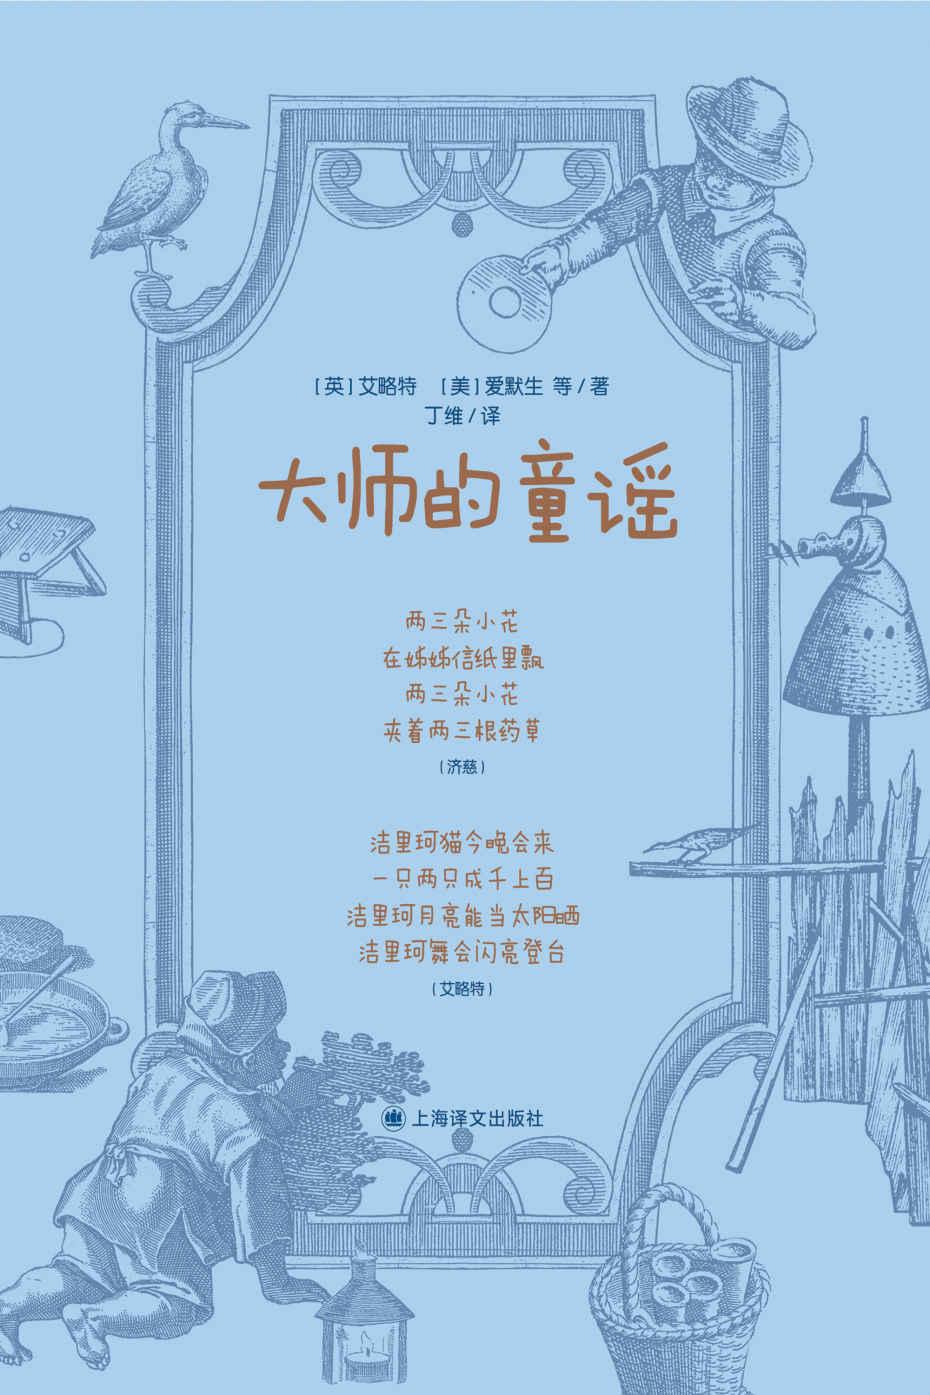 大师的童谣pdf-epub-mobi-txt-azw3